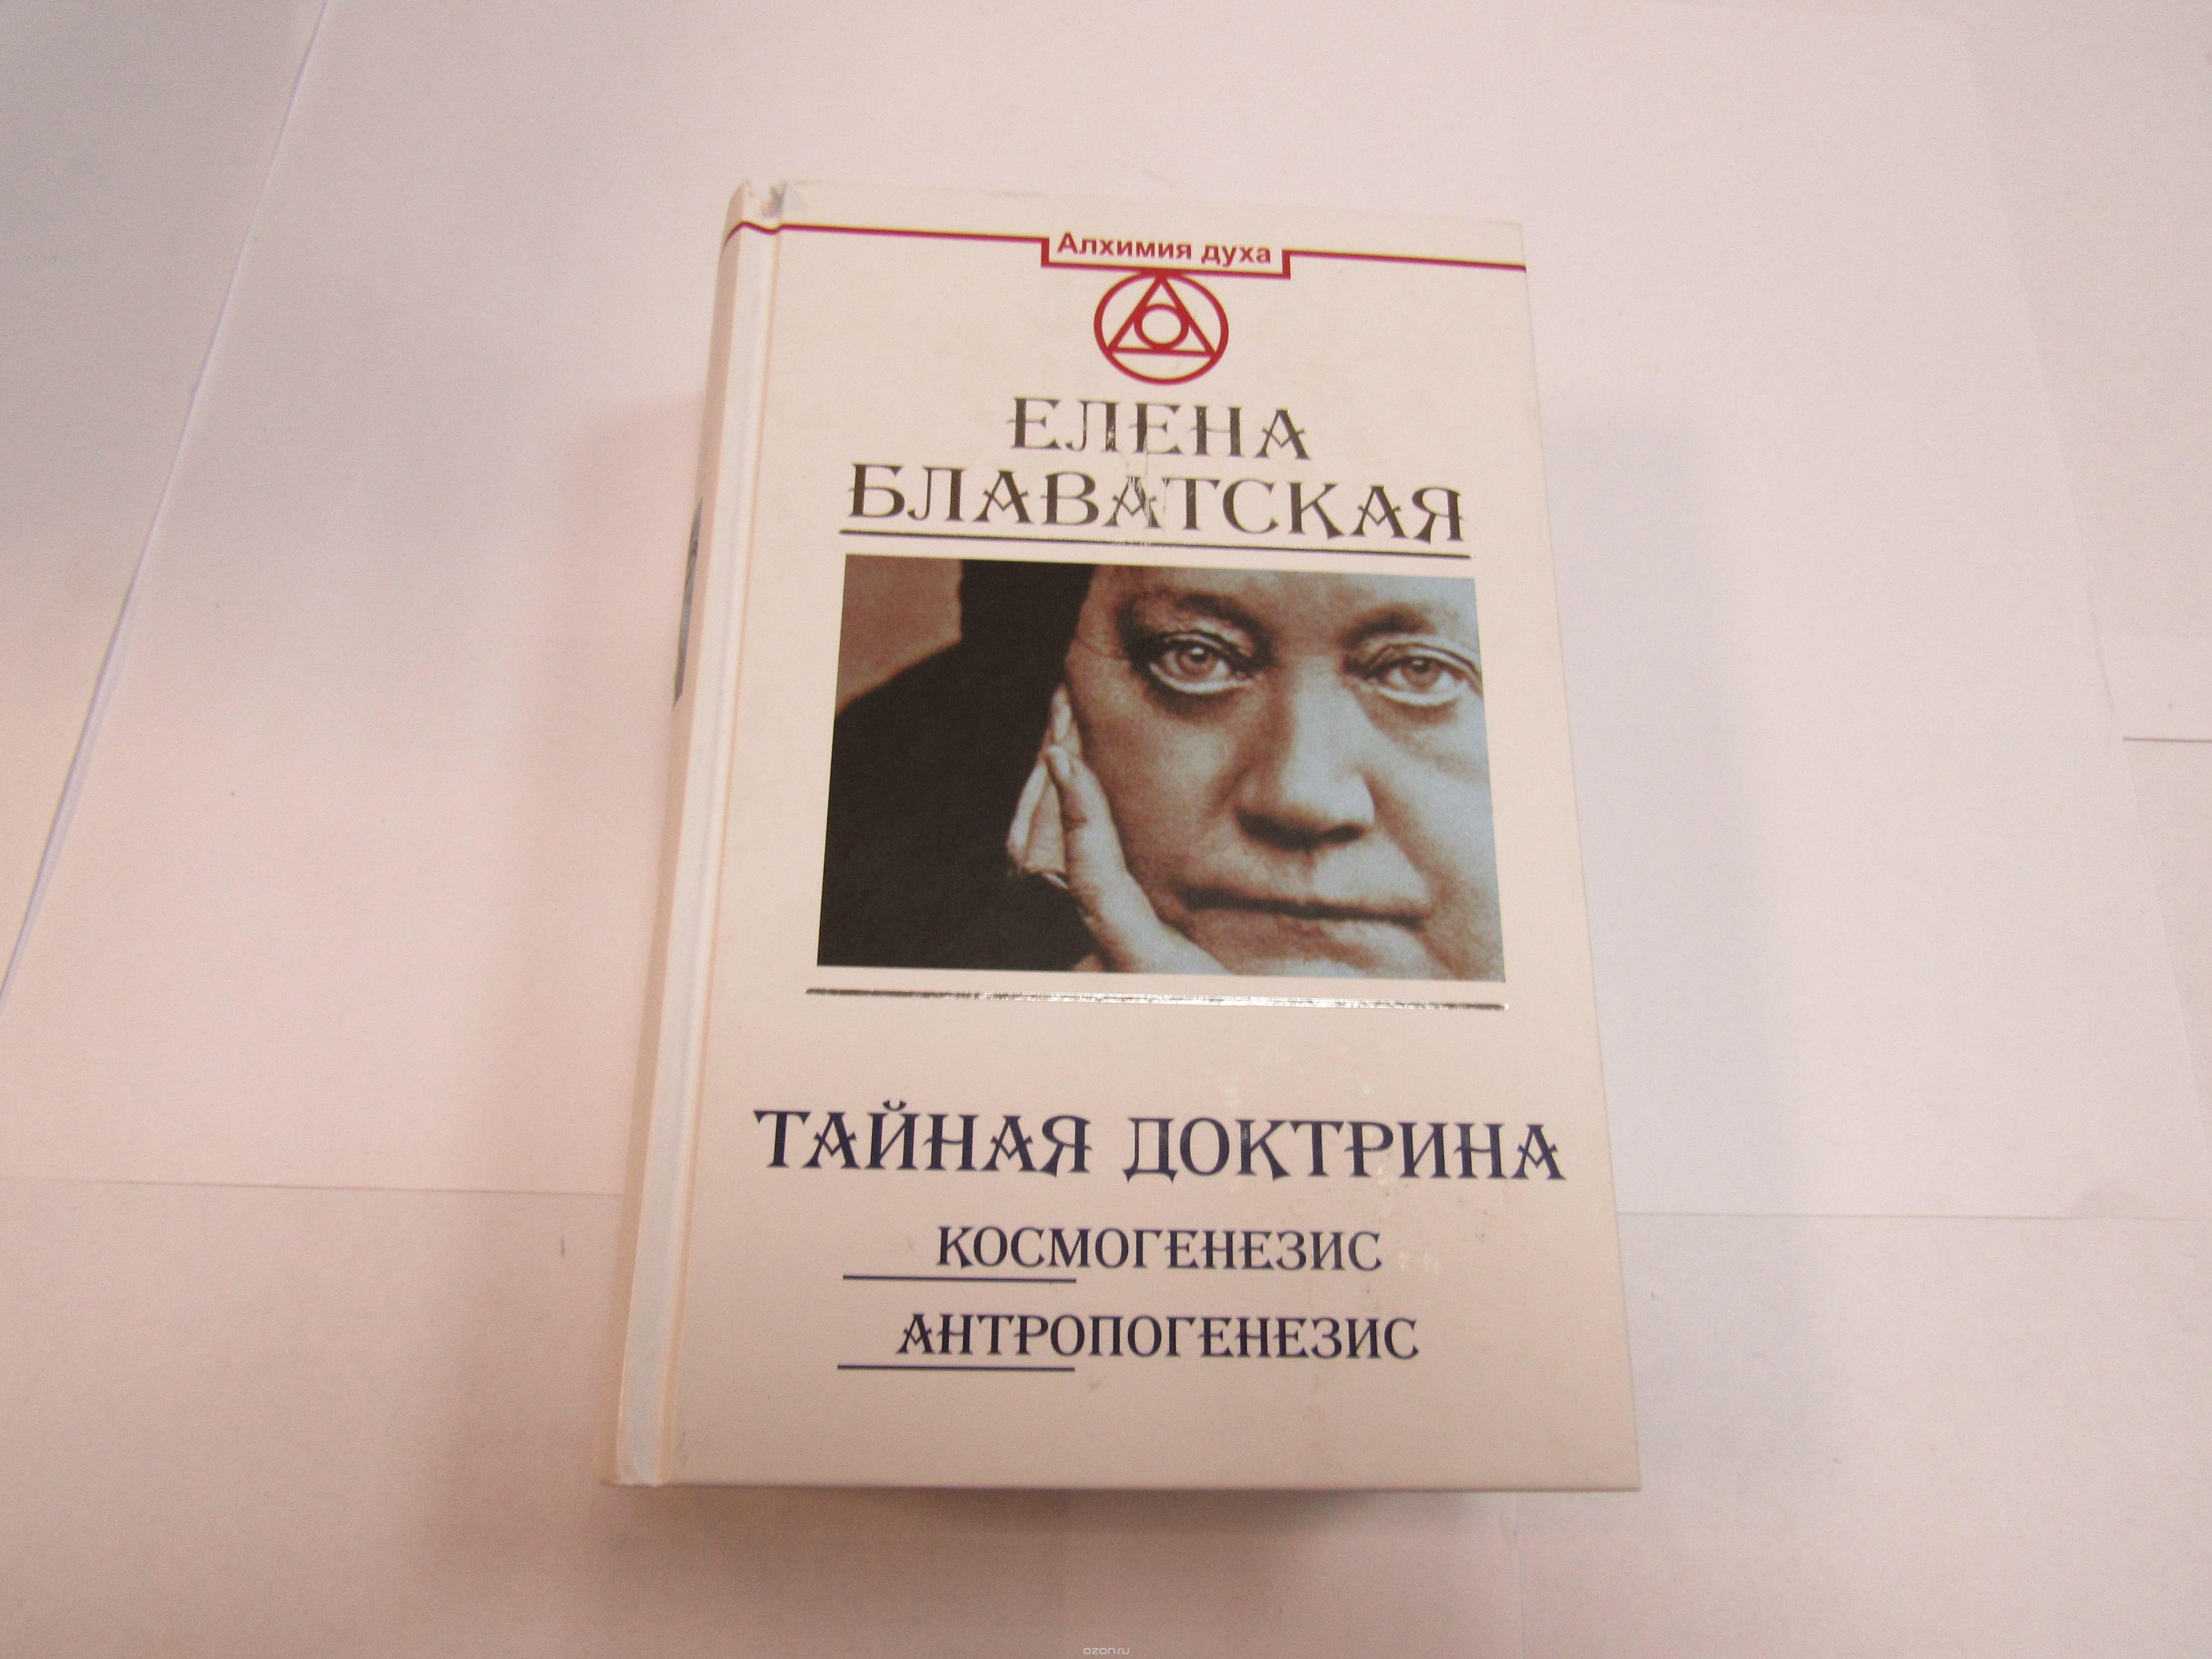 Елена Блаватская: Тайная доктрина. Космогенезис. Антропогенезис Уцененный товар (№2)